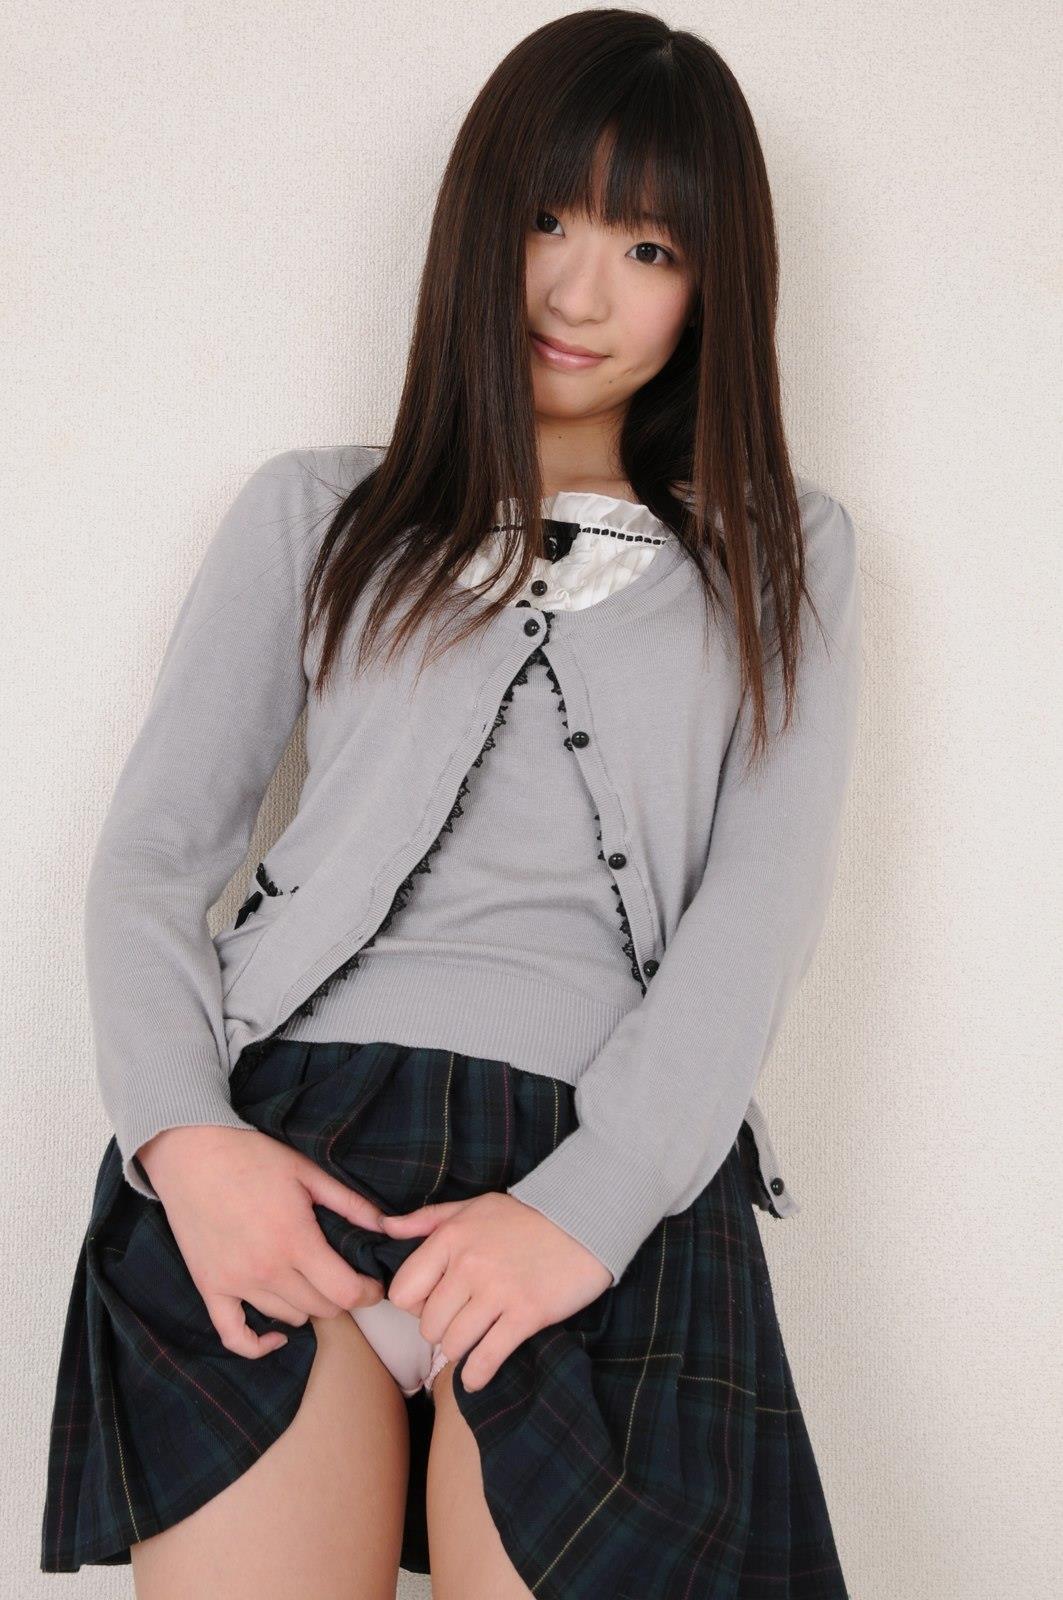 挑発 スカート21